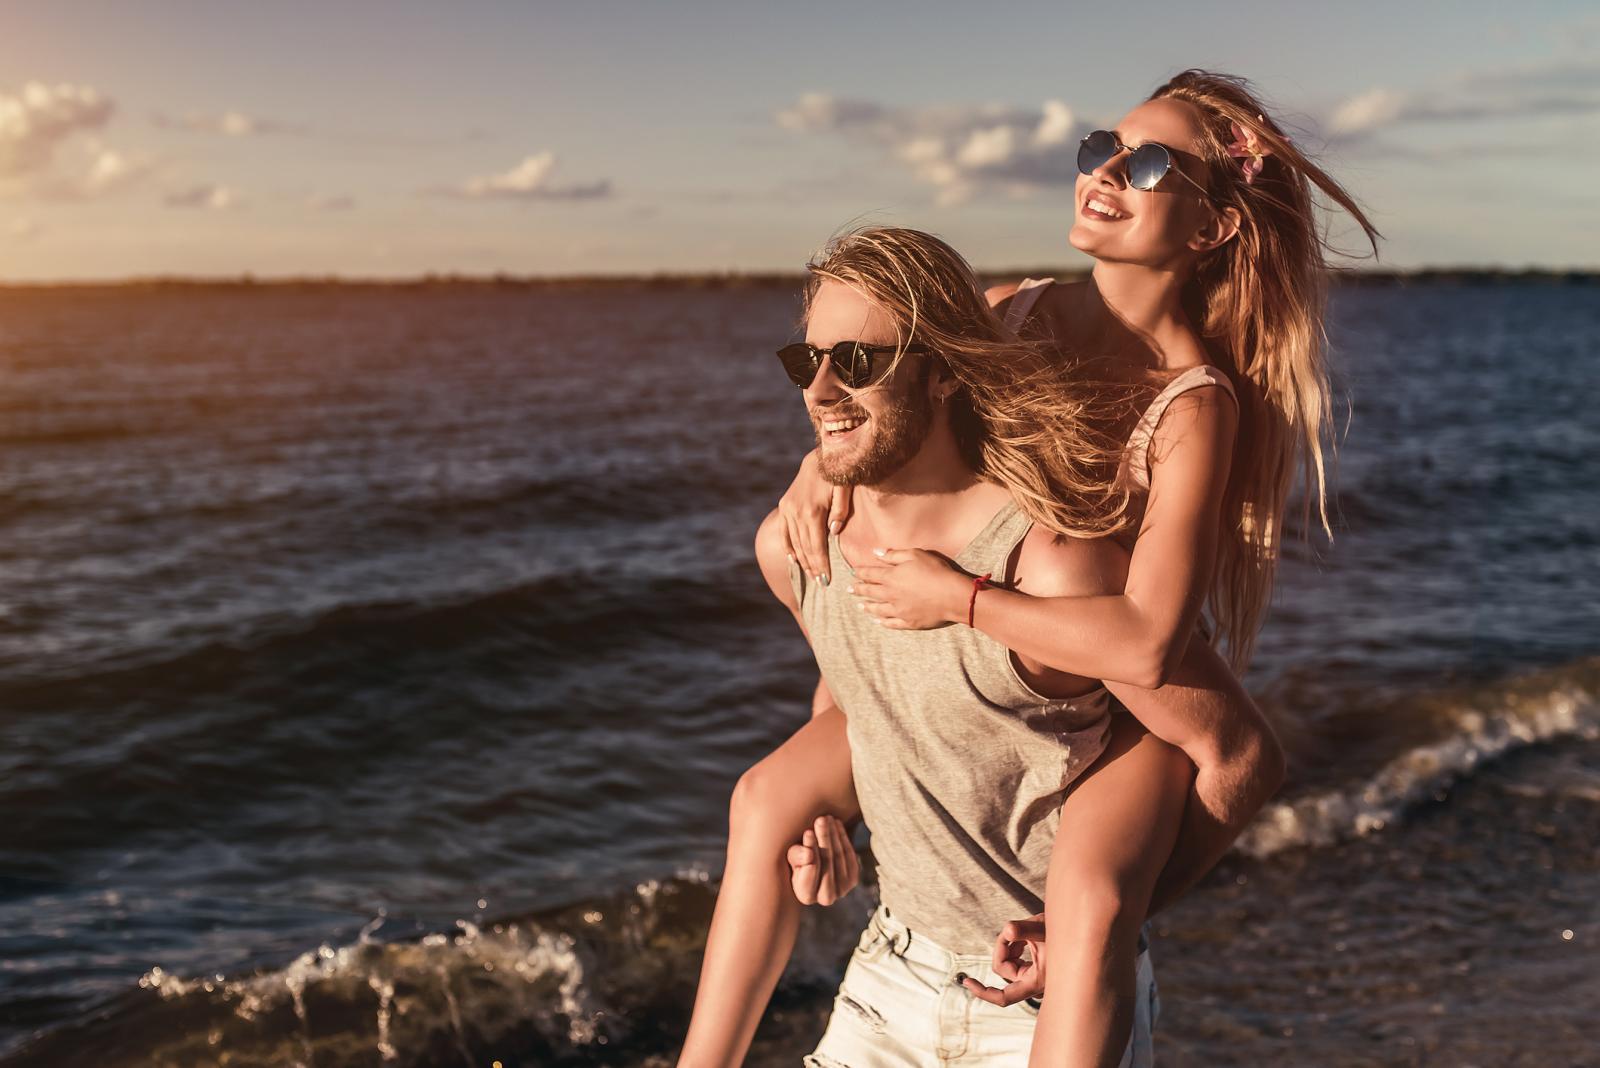 Pored zaštitnih krema, sunčanih naočala, šešira i suncobrana, vrlo je važno ne zaboraviti ni na prehranu koja štiti kožu od sunca.